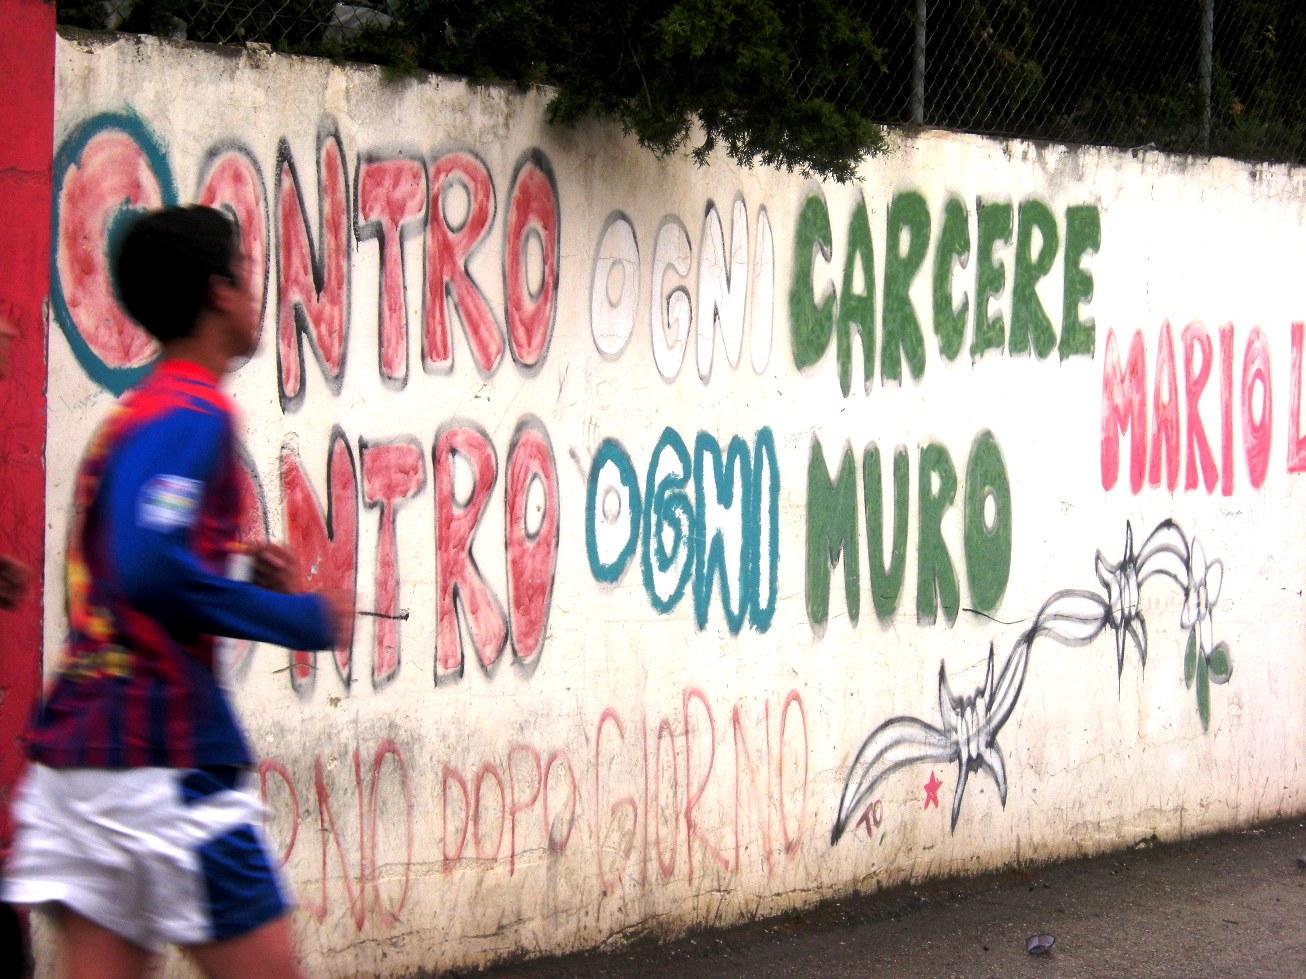 La maratona del 2013 nel campo di Aida (Foto: Chiara Cruciati/Nena News)